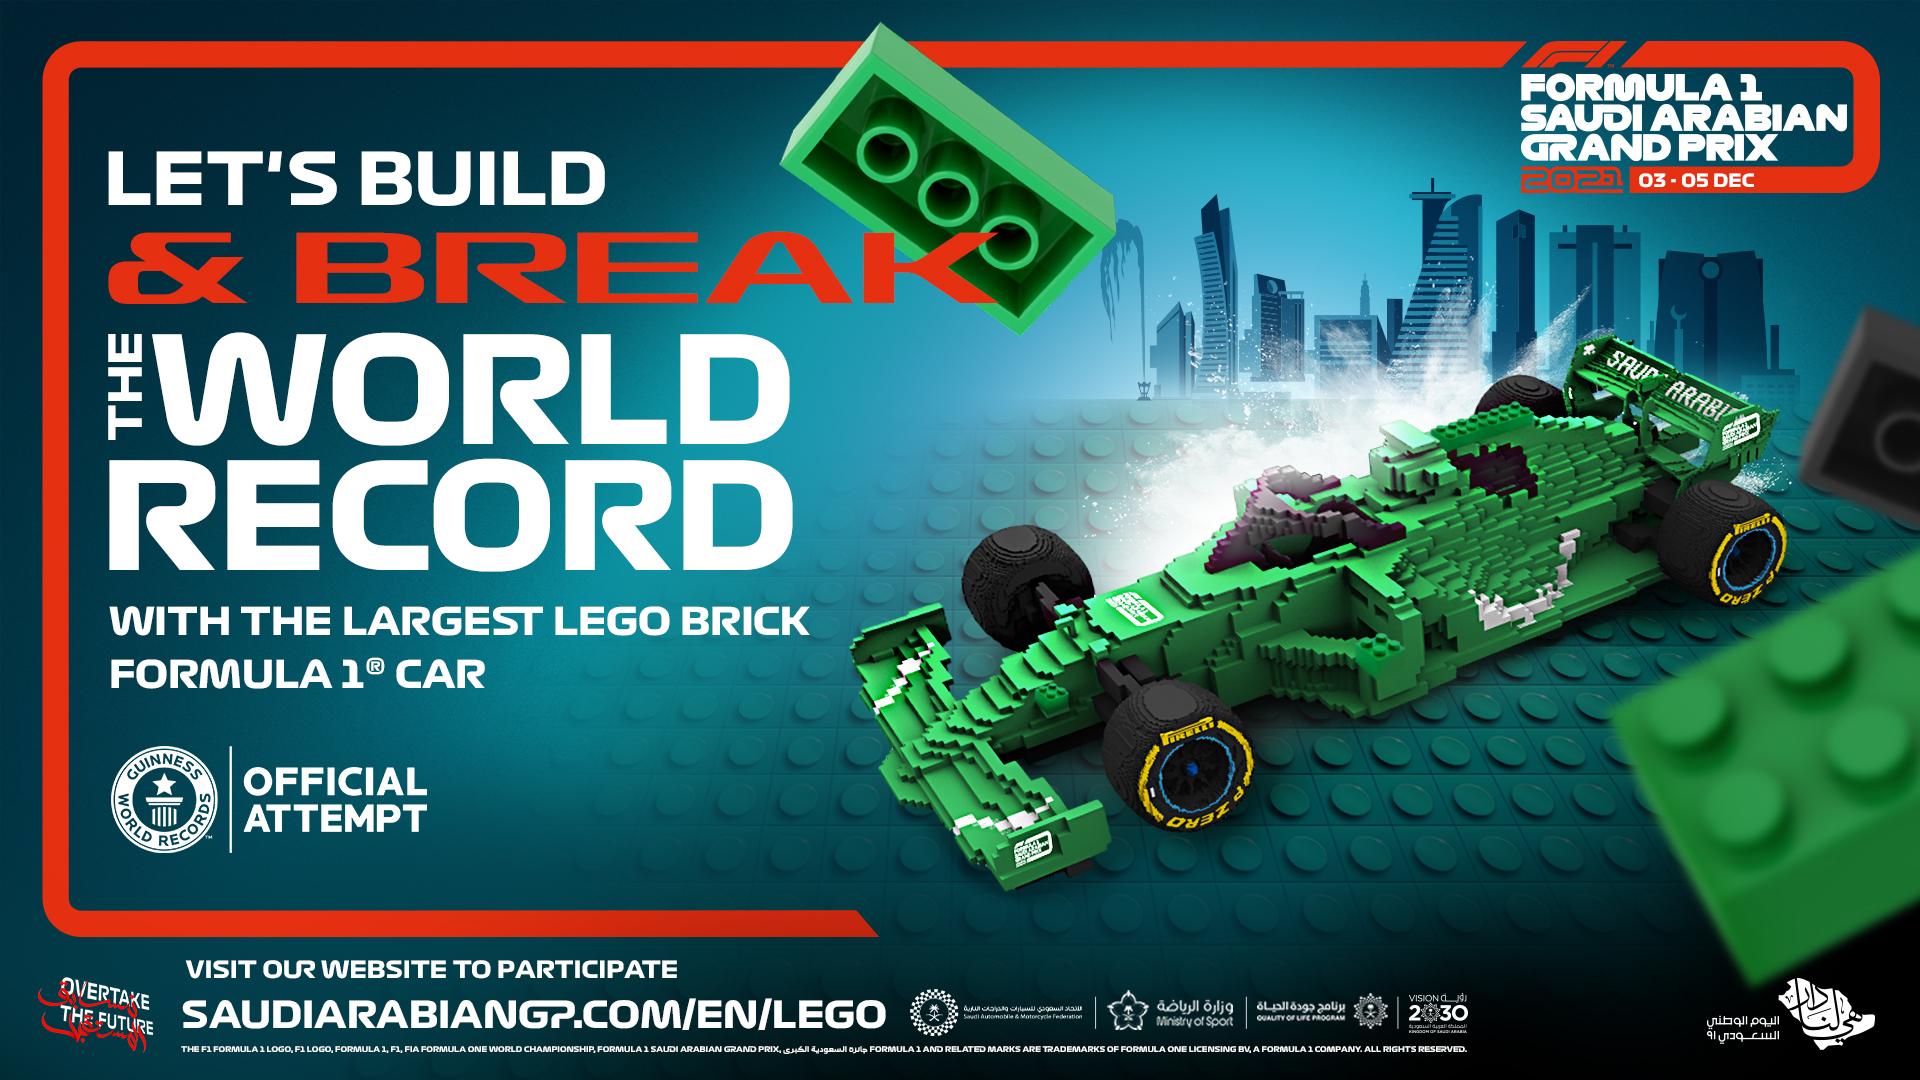 دعوة لبناء أكبر سيارة فورمولا 1 بمكعبات ليغو في العالم - جدة - السعودية